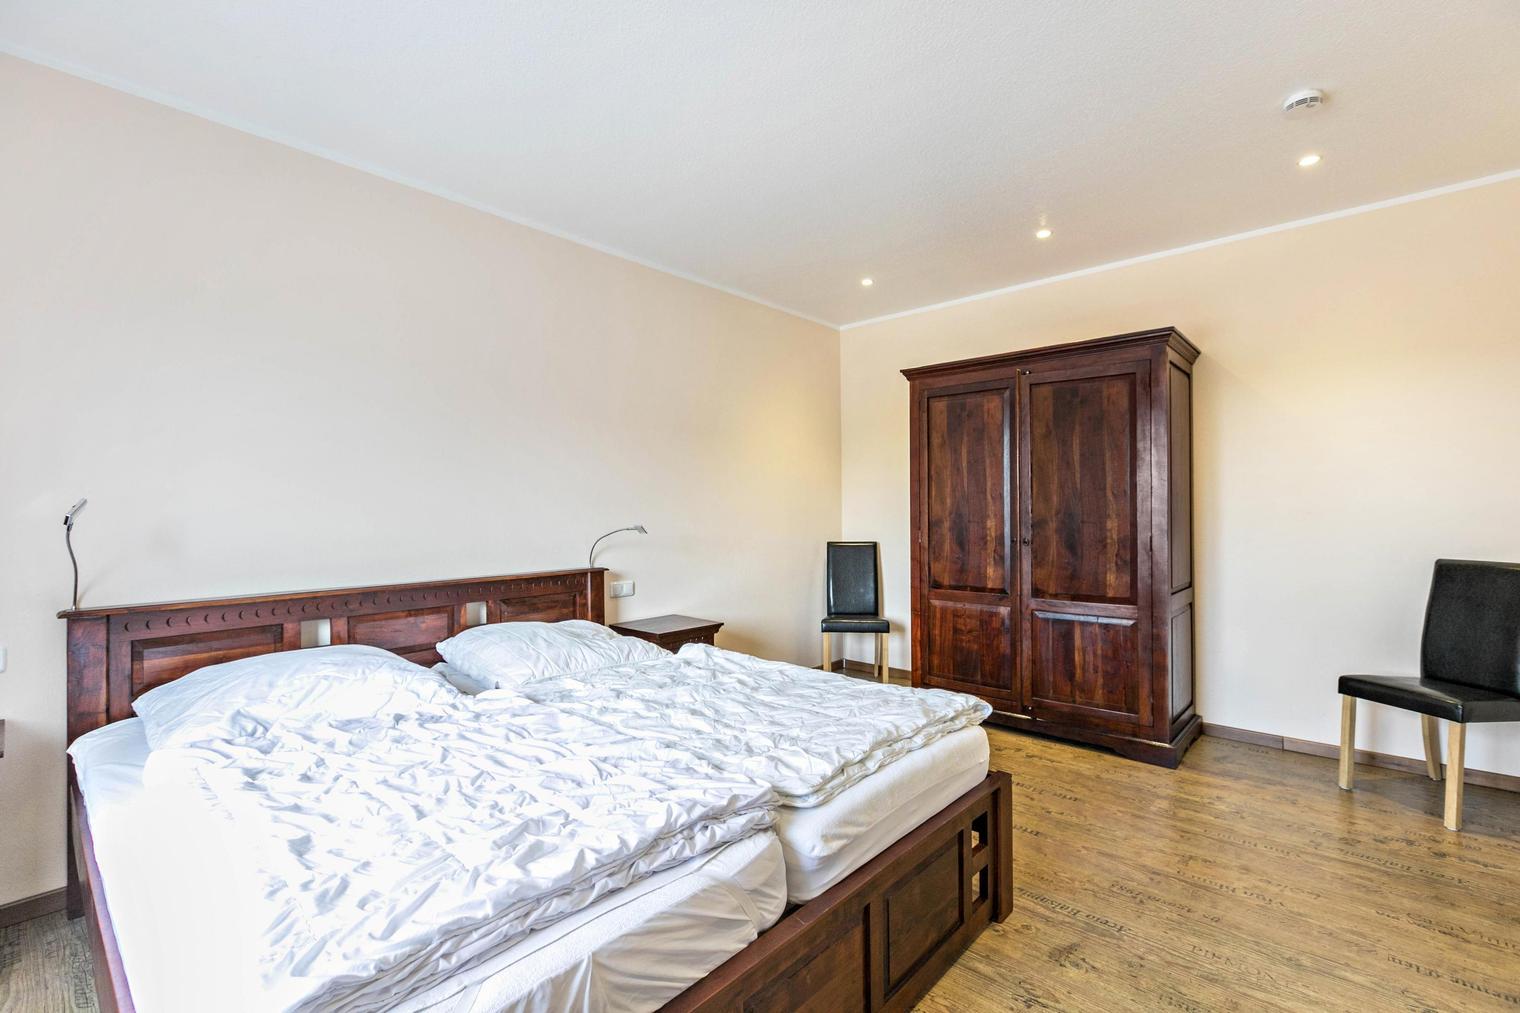 Schlafzimmer mit Arkazienholz in der barrierefreien Ferienwohnung